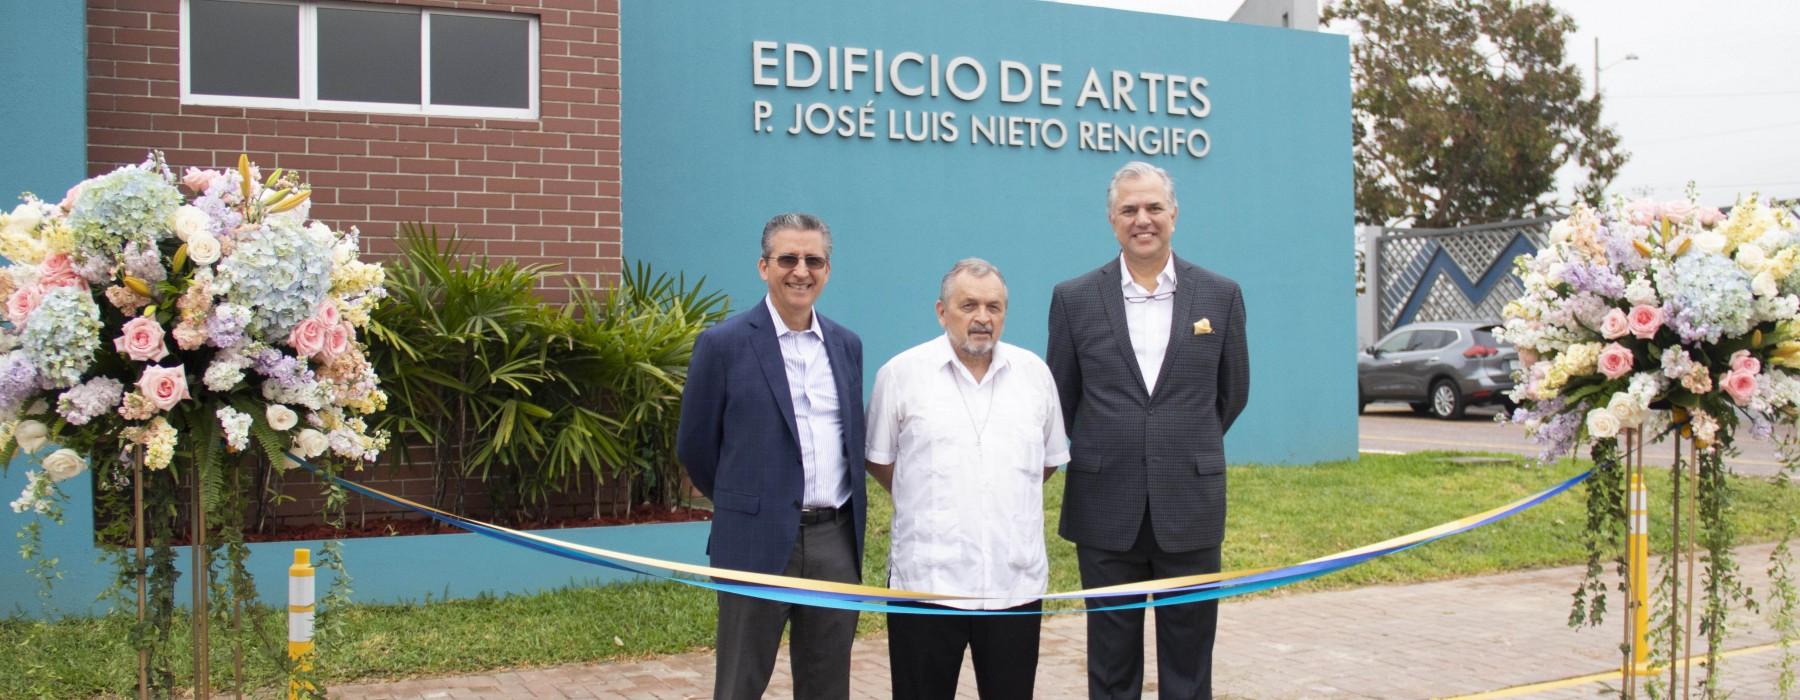 Edificio de Artes - P. José Luis Nieto